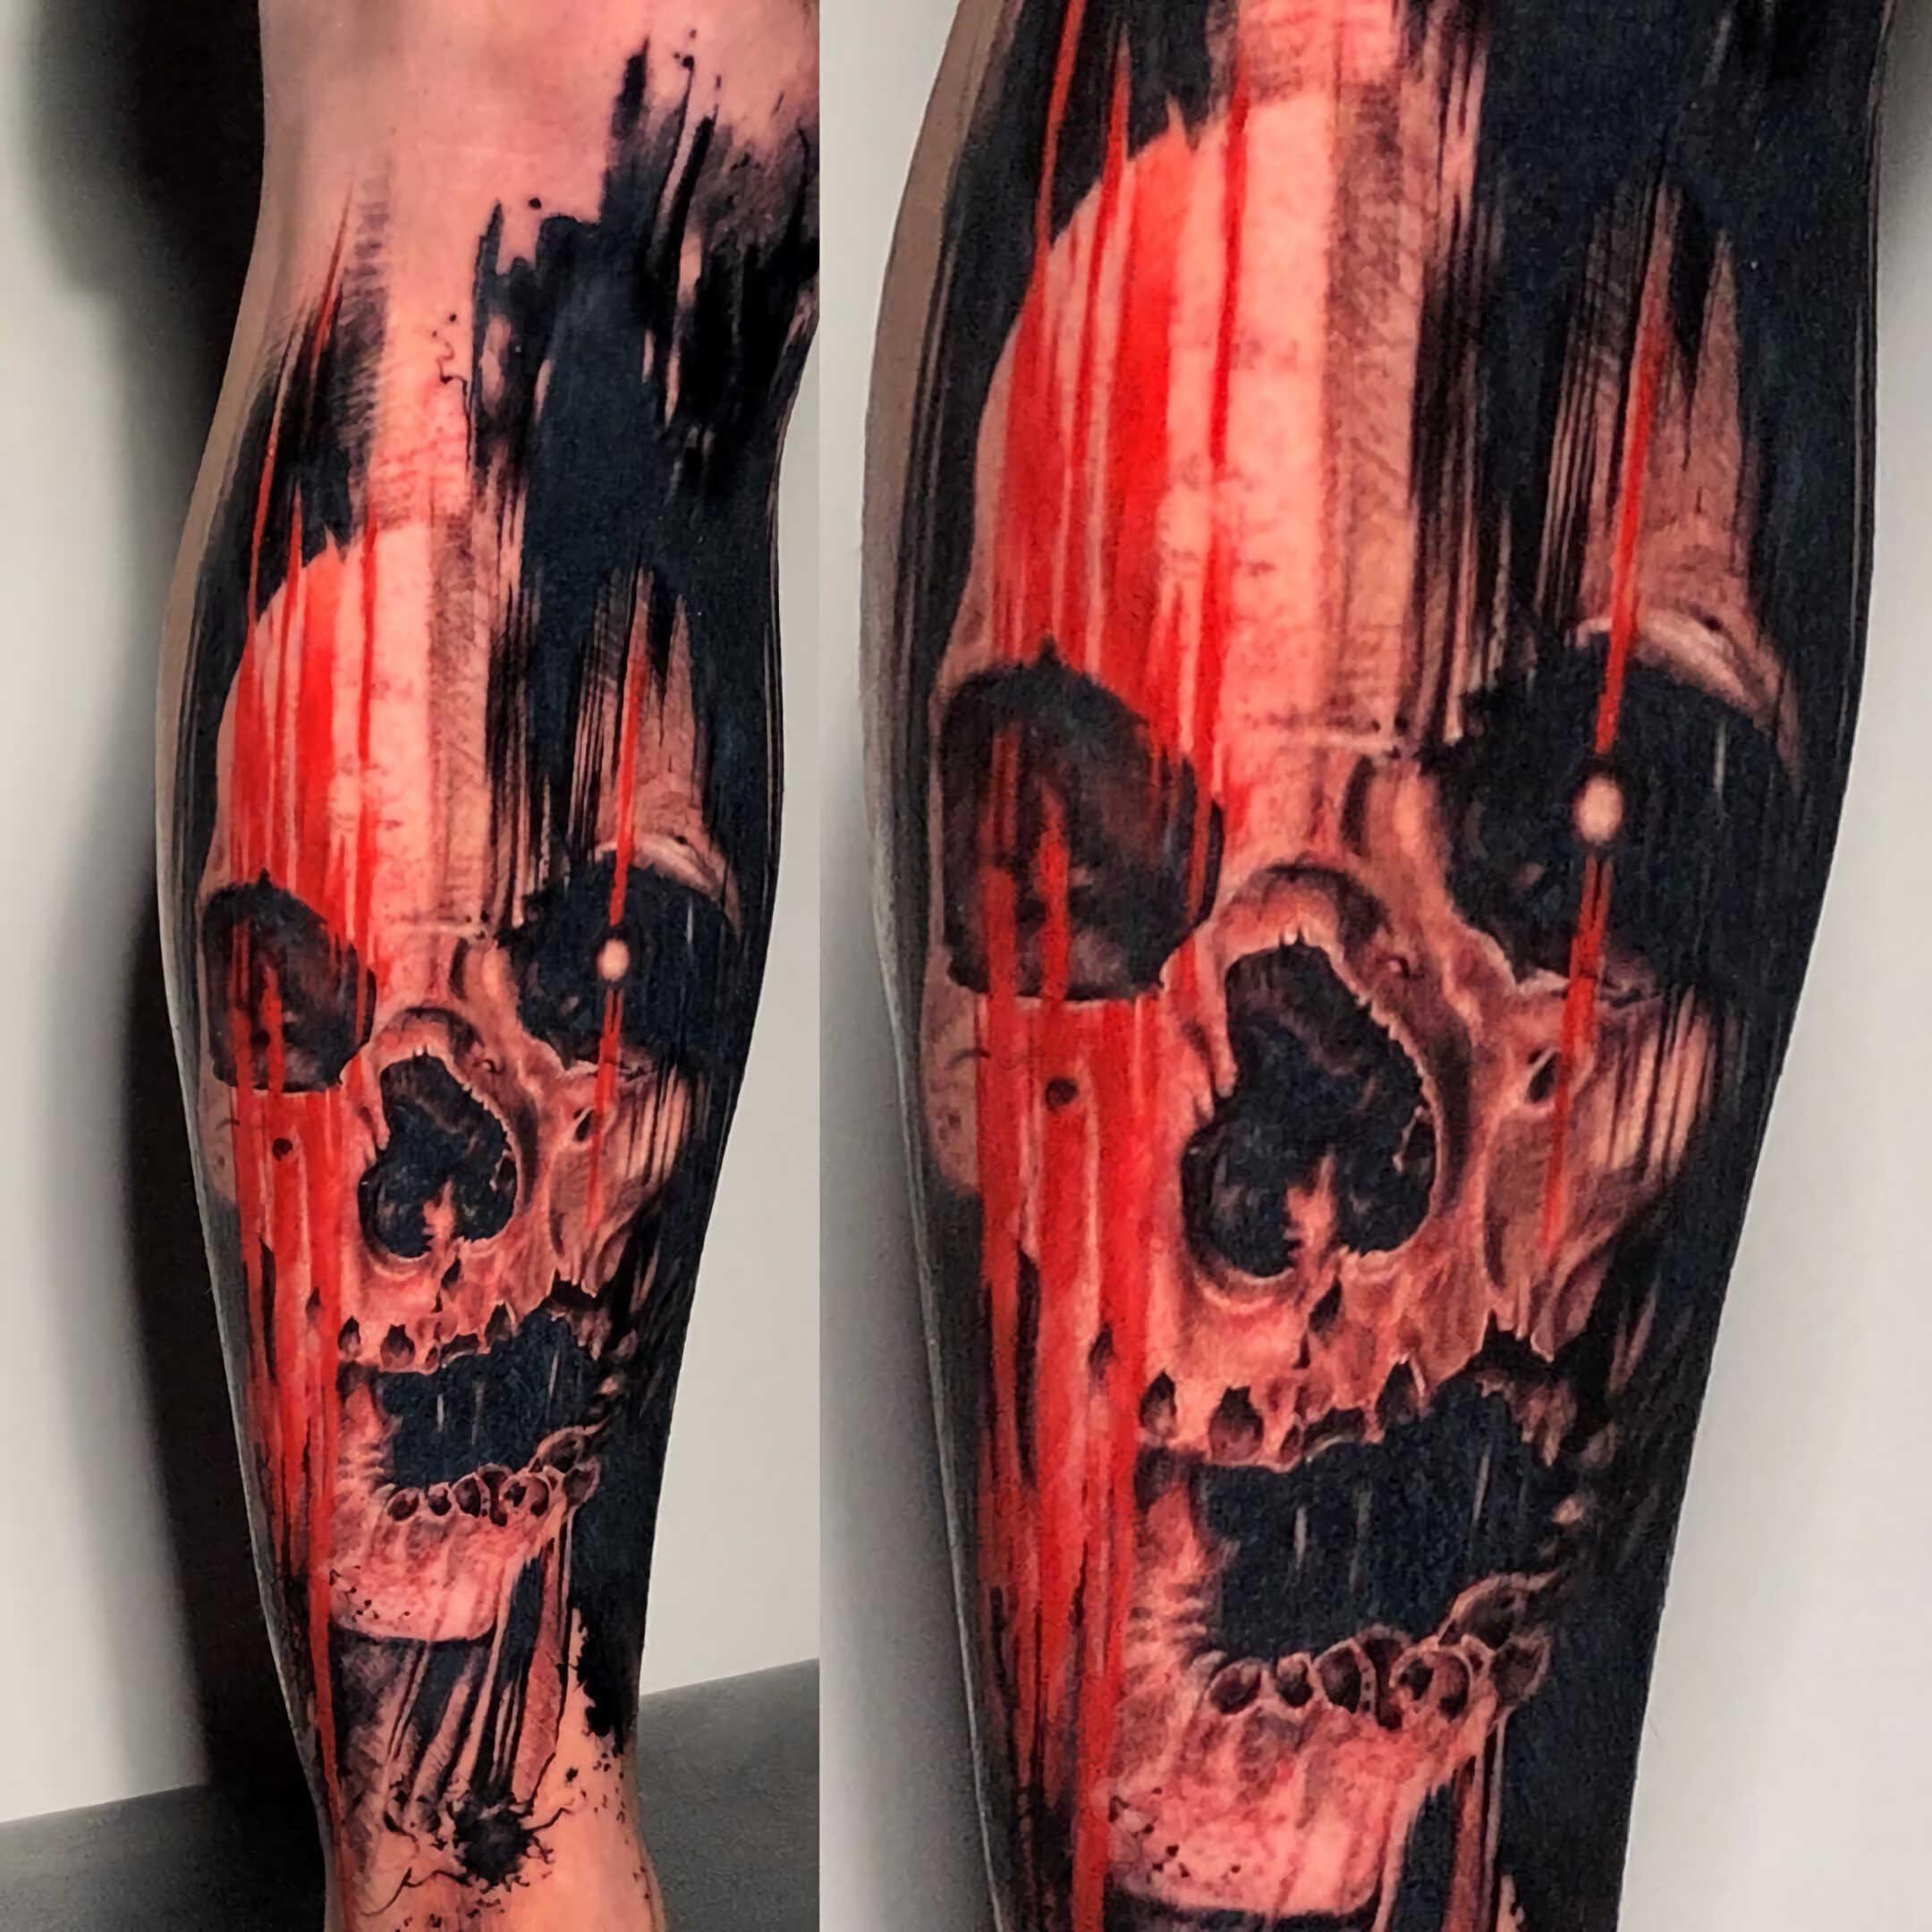 татуировка черепа на ноге в стил етрэш-полька